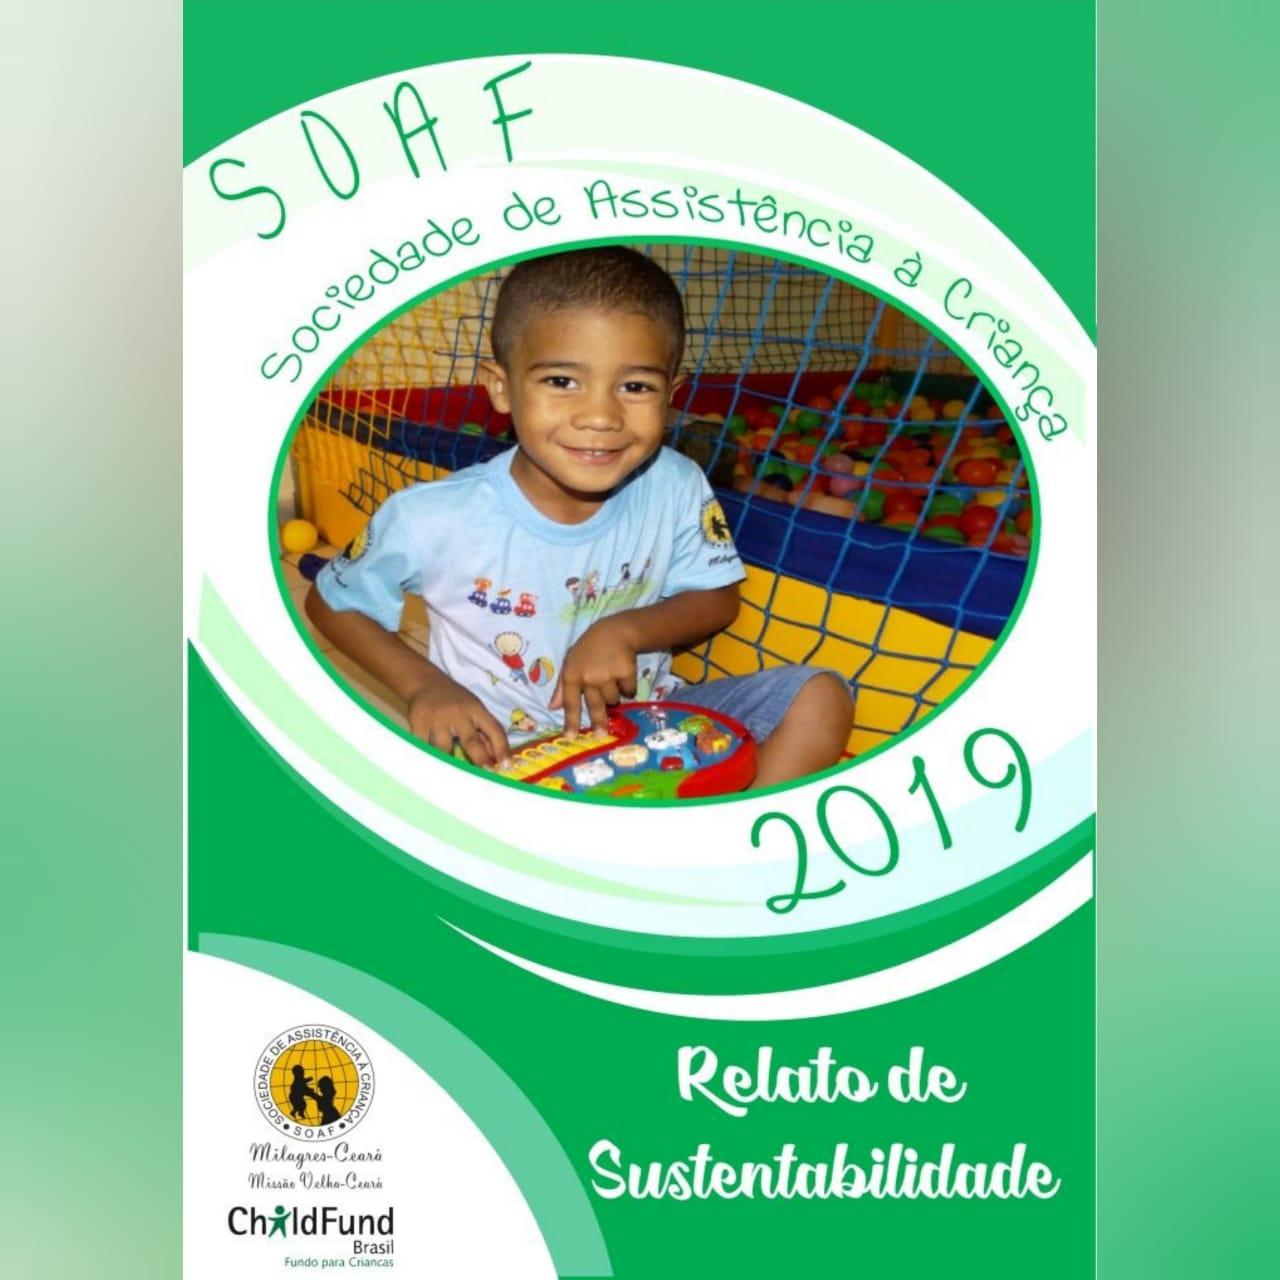 SOAF lança o Relato de Sustentabilidade 2019